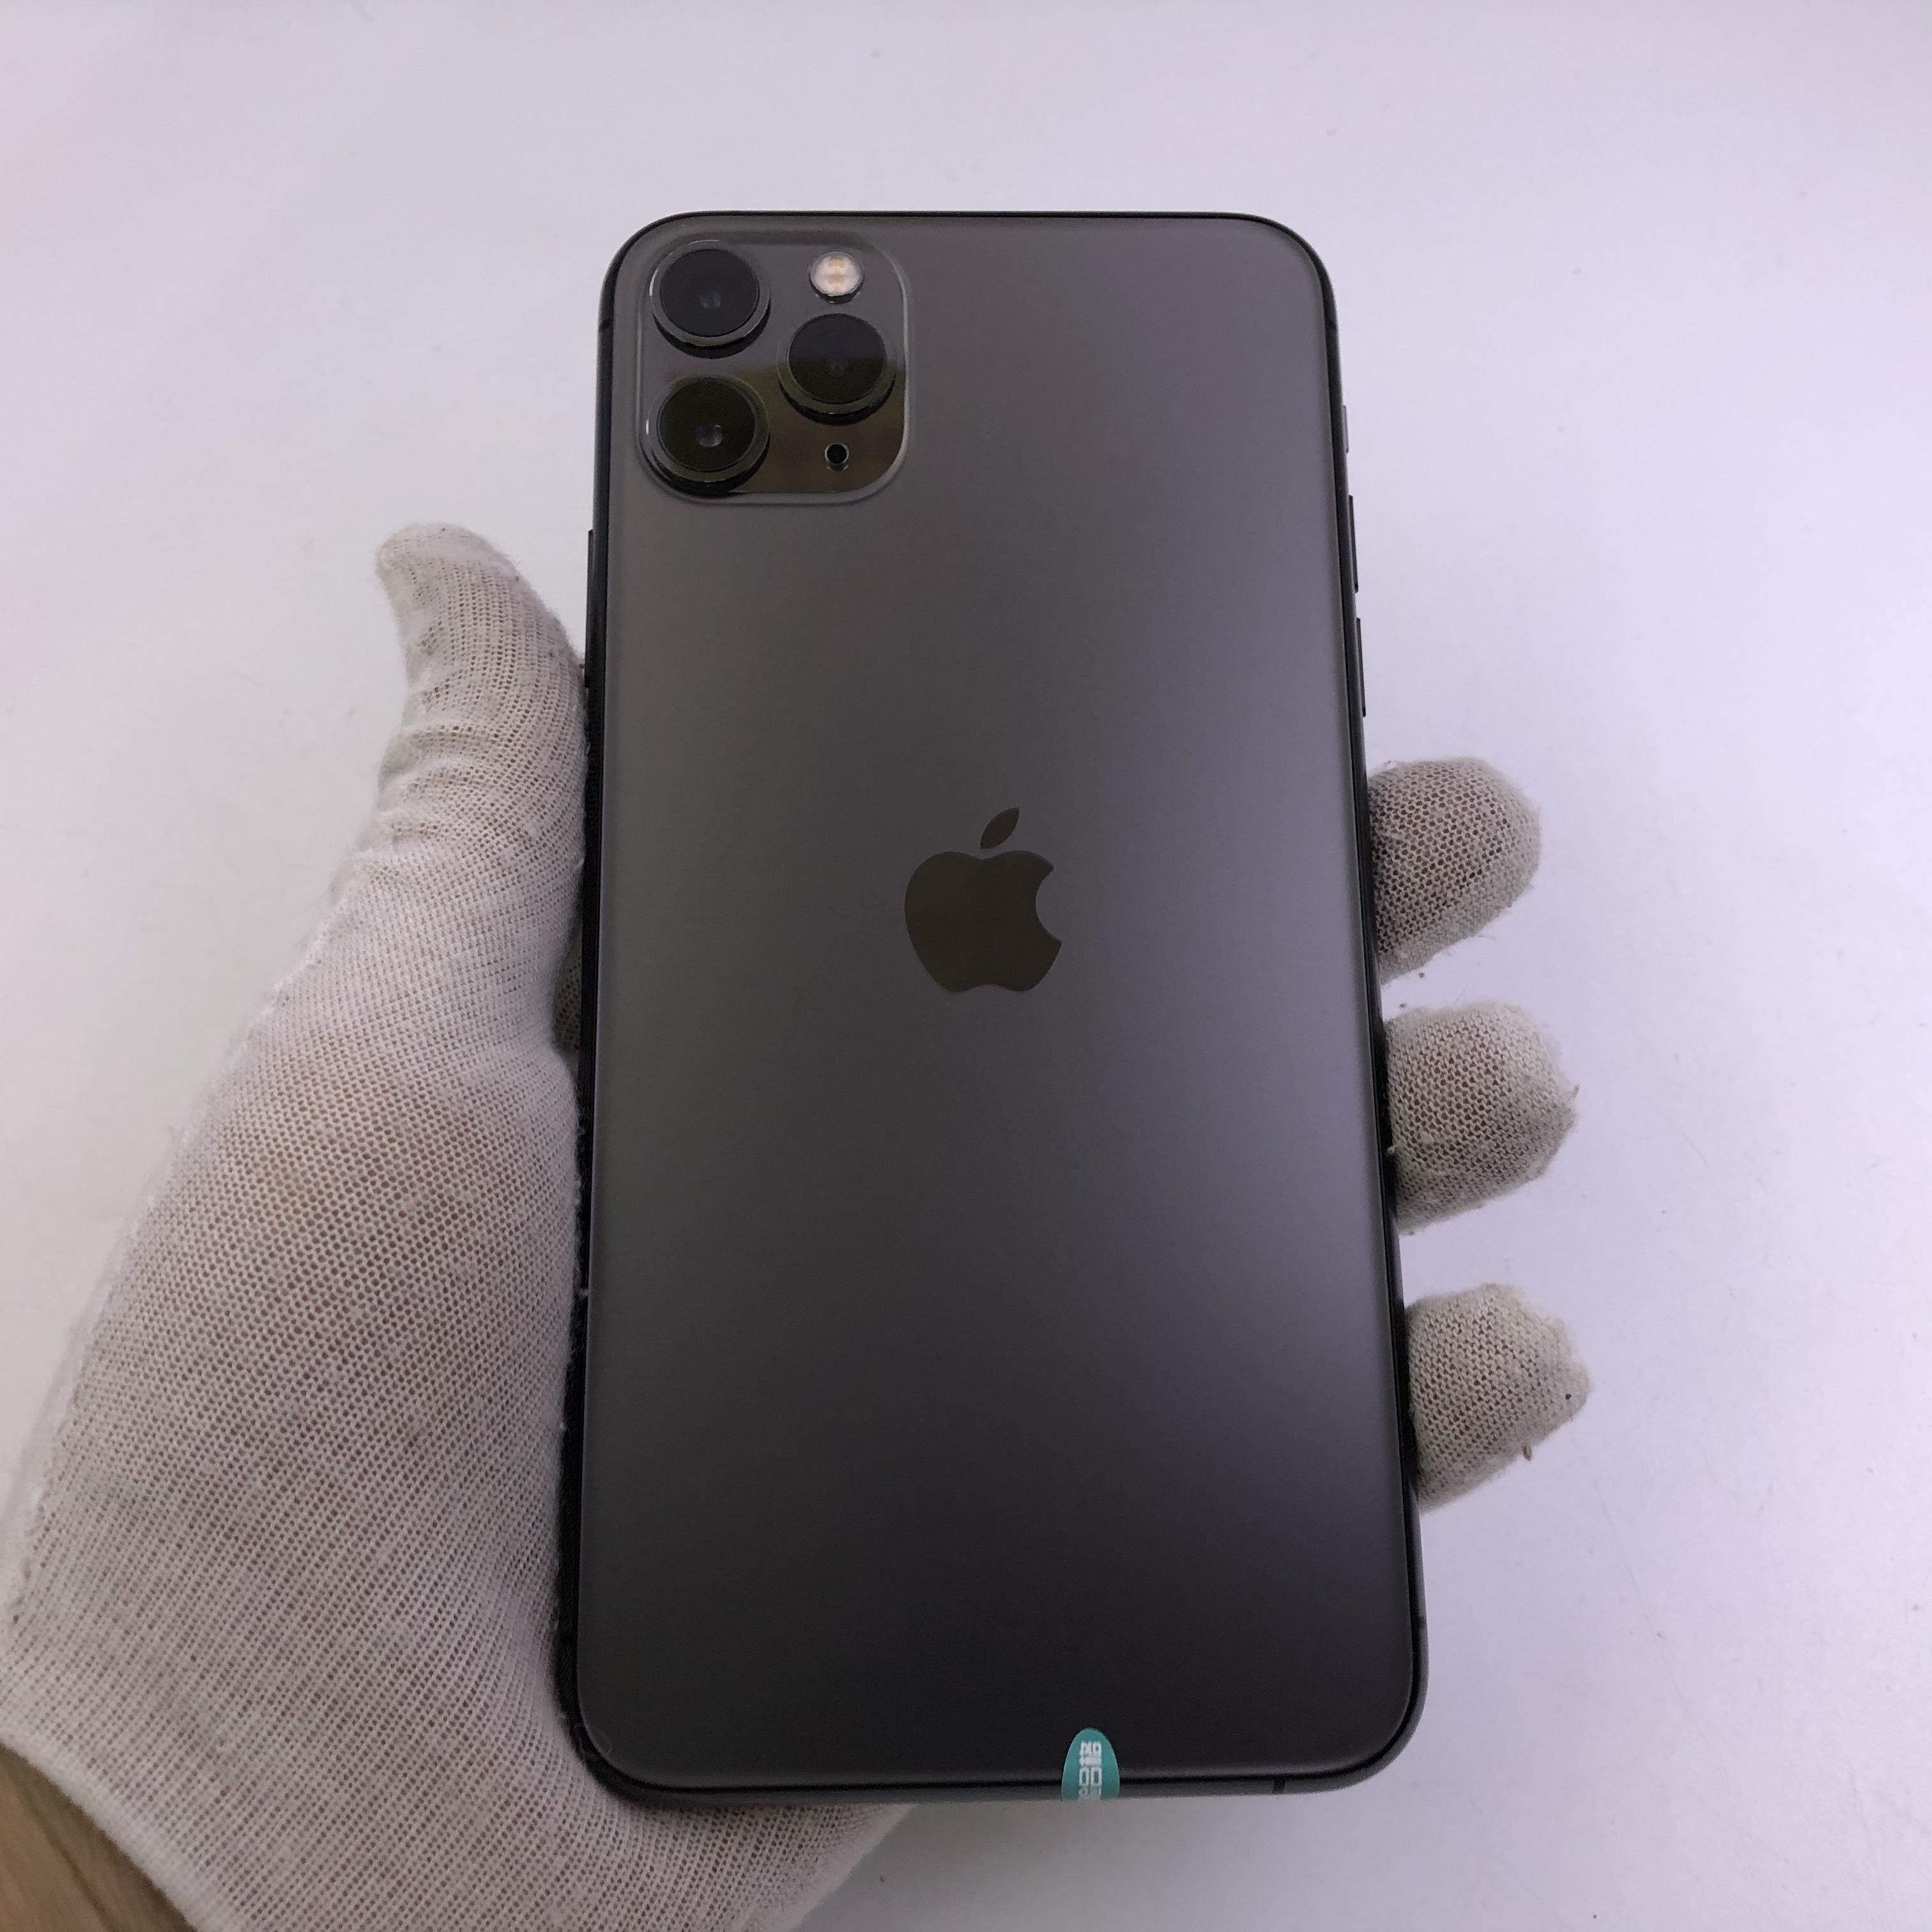 苹果【iPhone 11 Pro Max】4G全网通 深空灰 64G 国行 99新